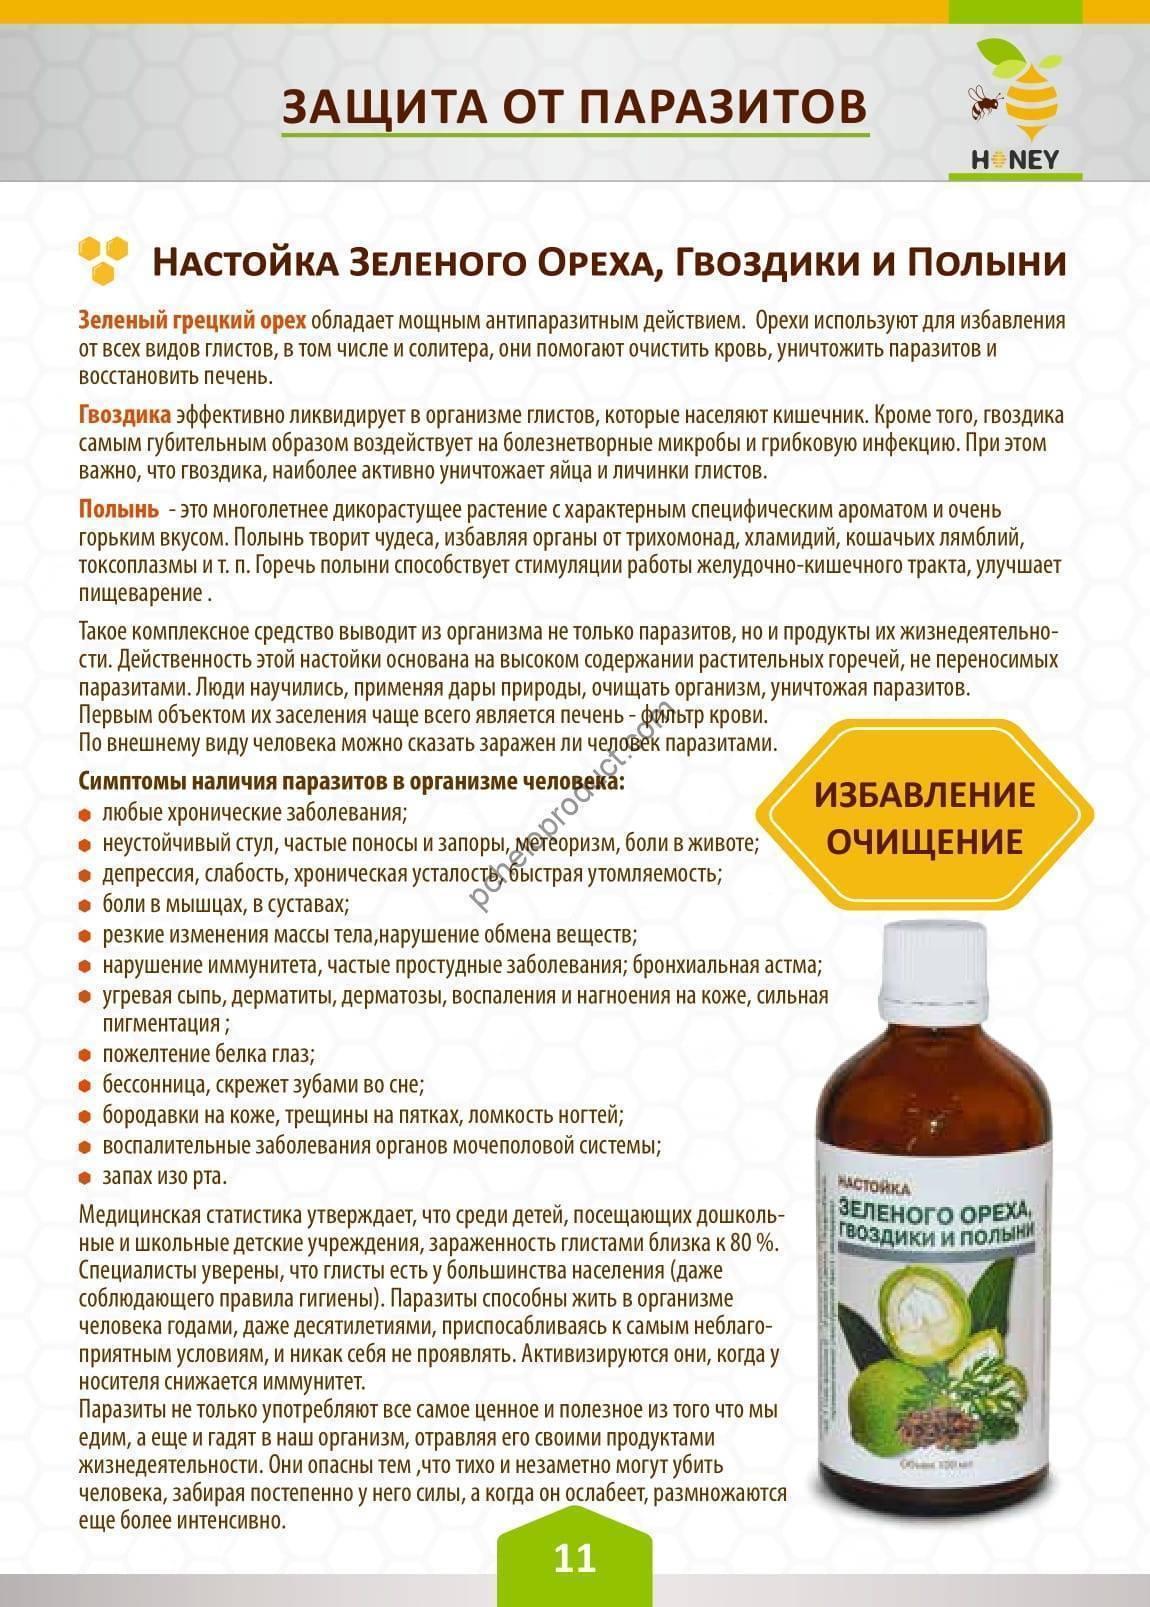 Настойка полыни: показания, инструкция по применению, как пить отвар